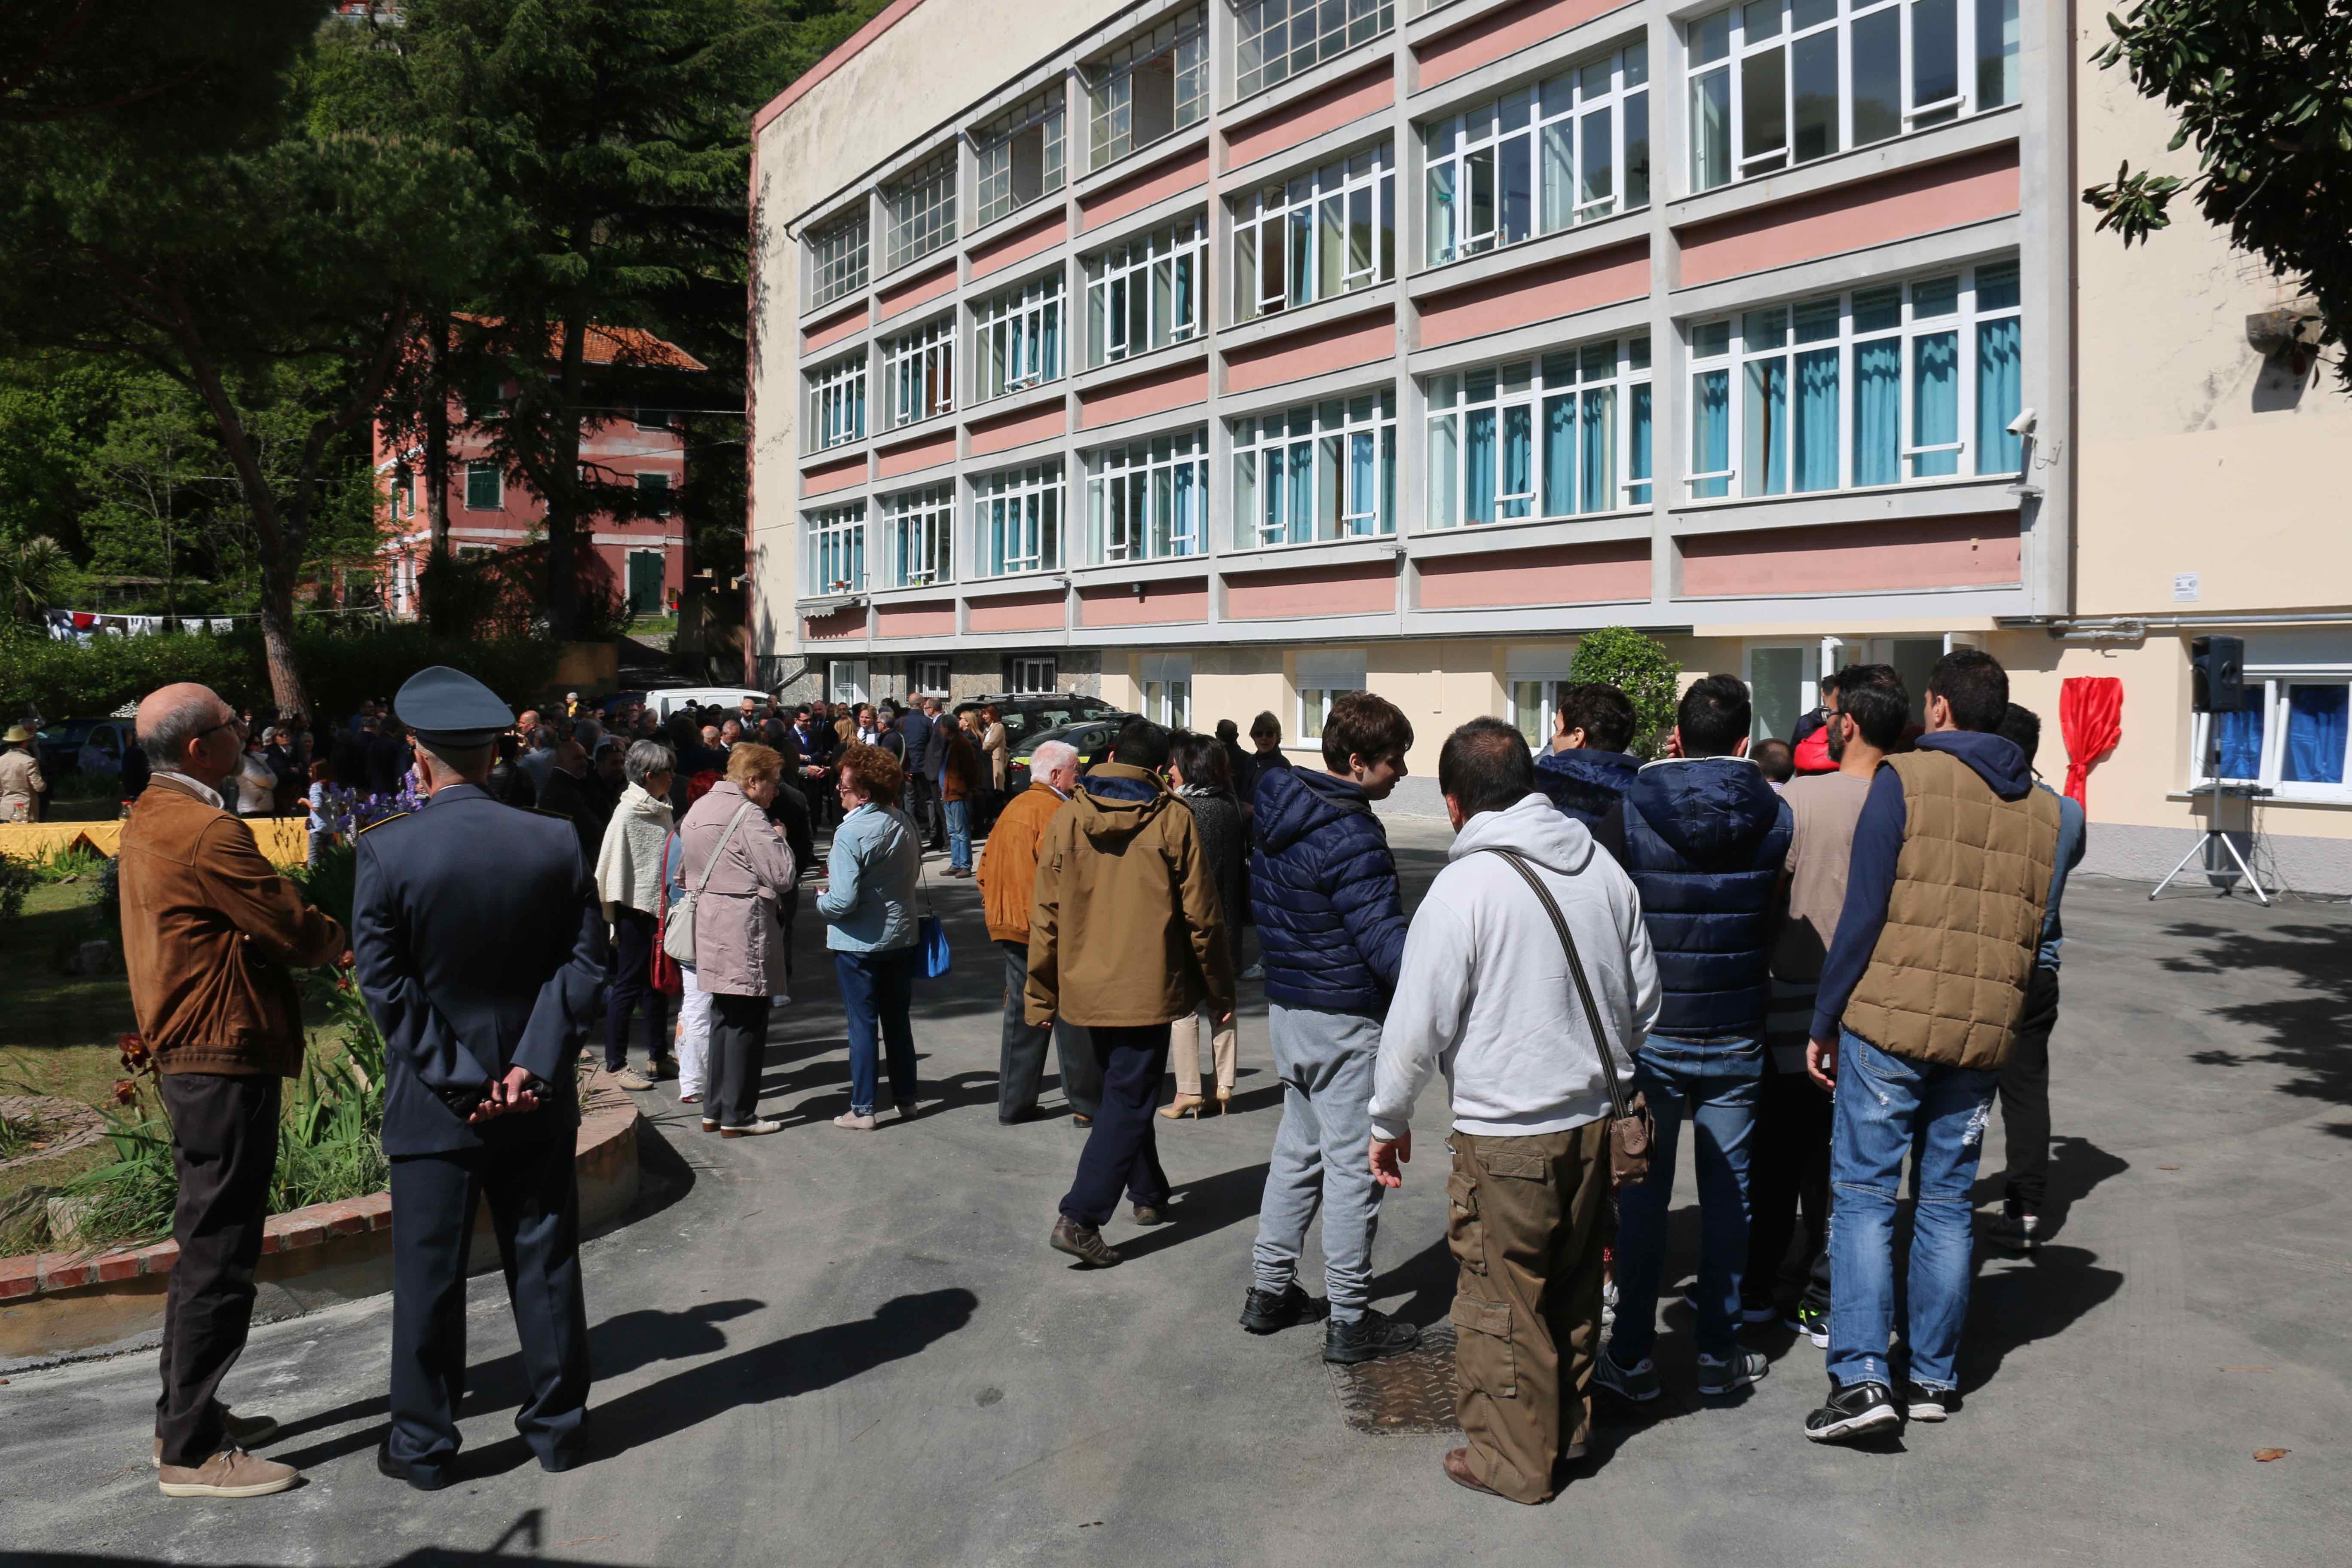 Inaugurazione Dormitorio Maria Teresa Bruzzone Centro Franco Chiarella 2017.04.22 - 2